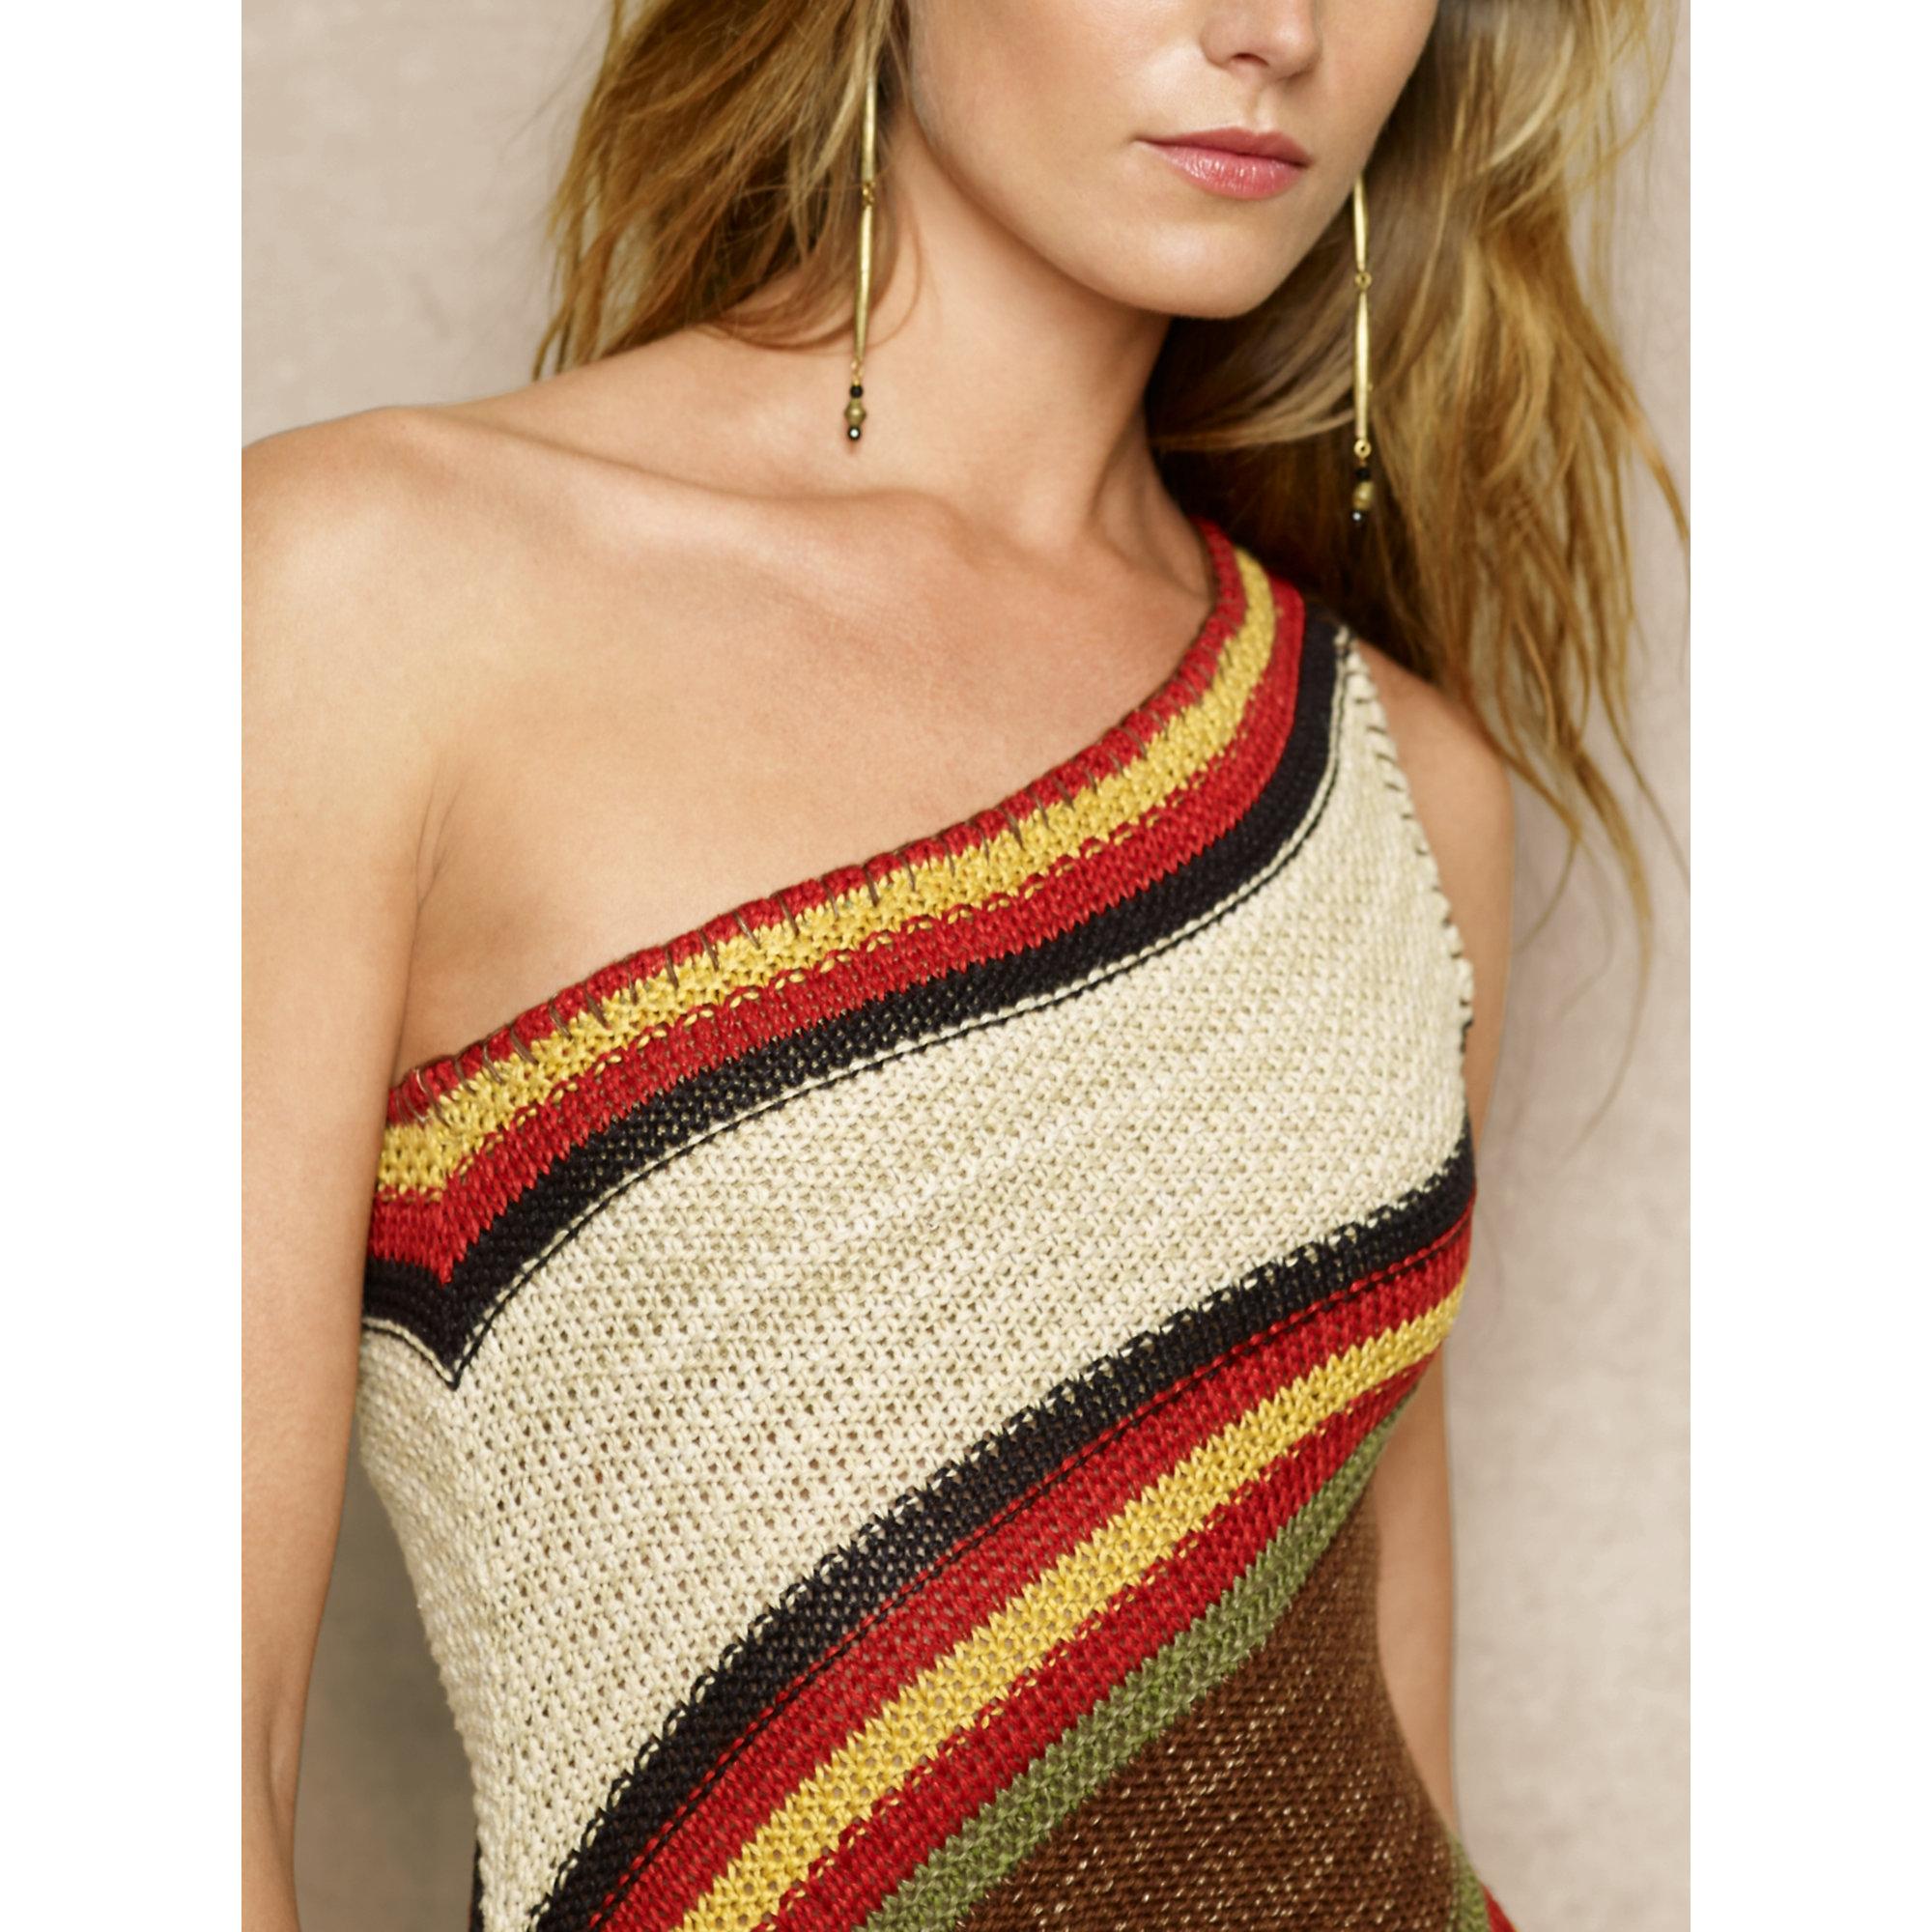 lyst ralph lauren one shoulder sweater dress. Black Bedroom Furniture Sets. Home Design Ideas